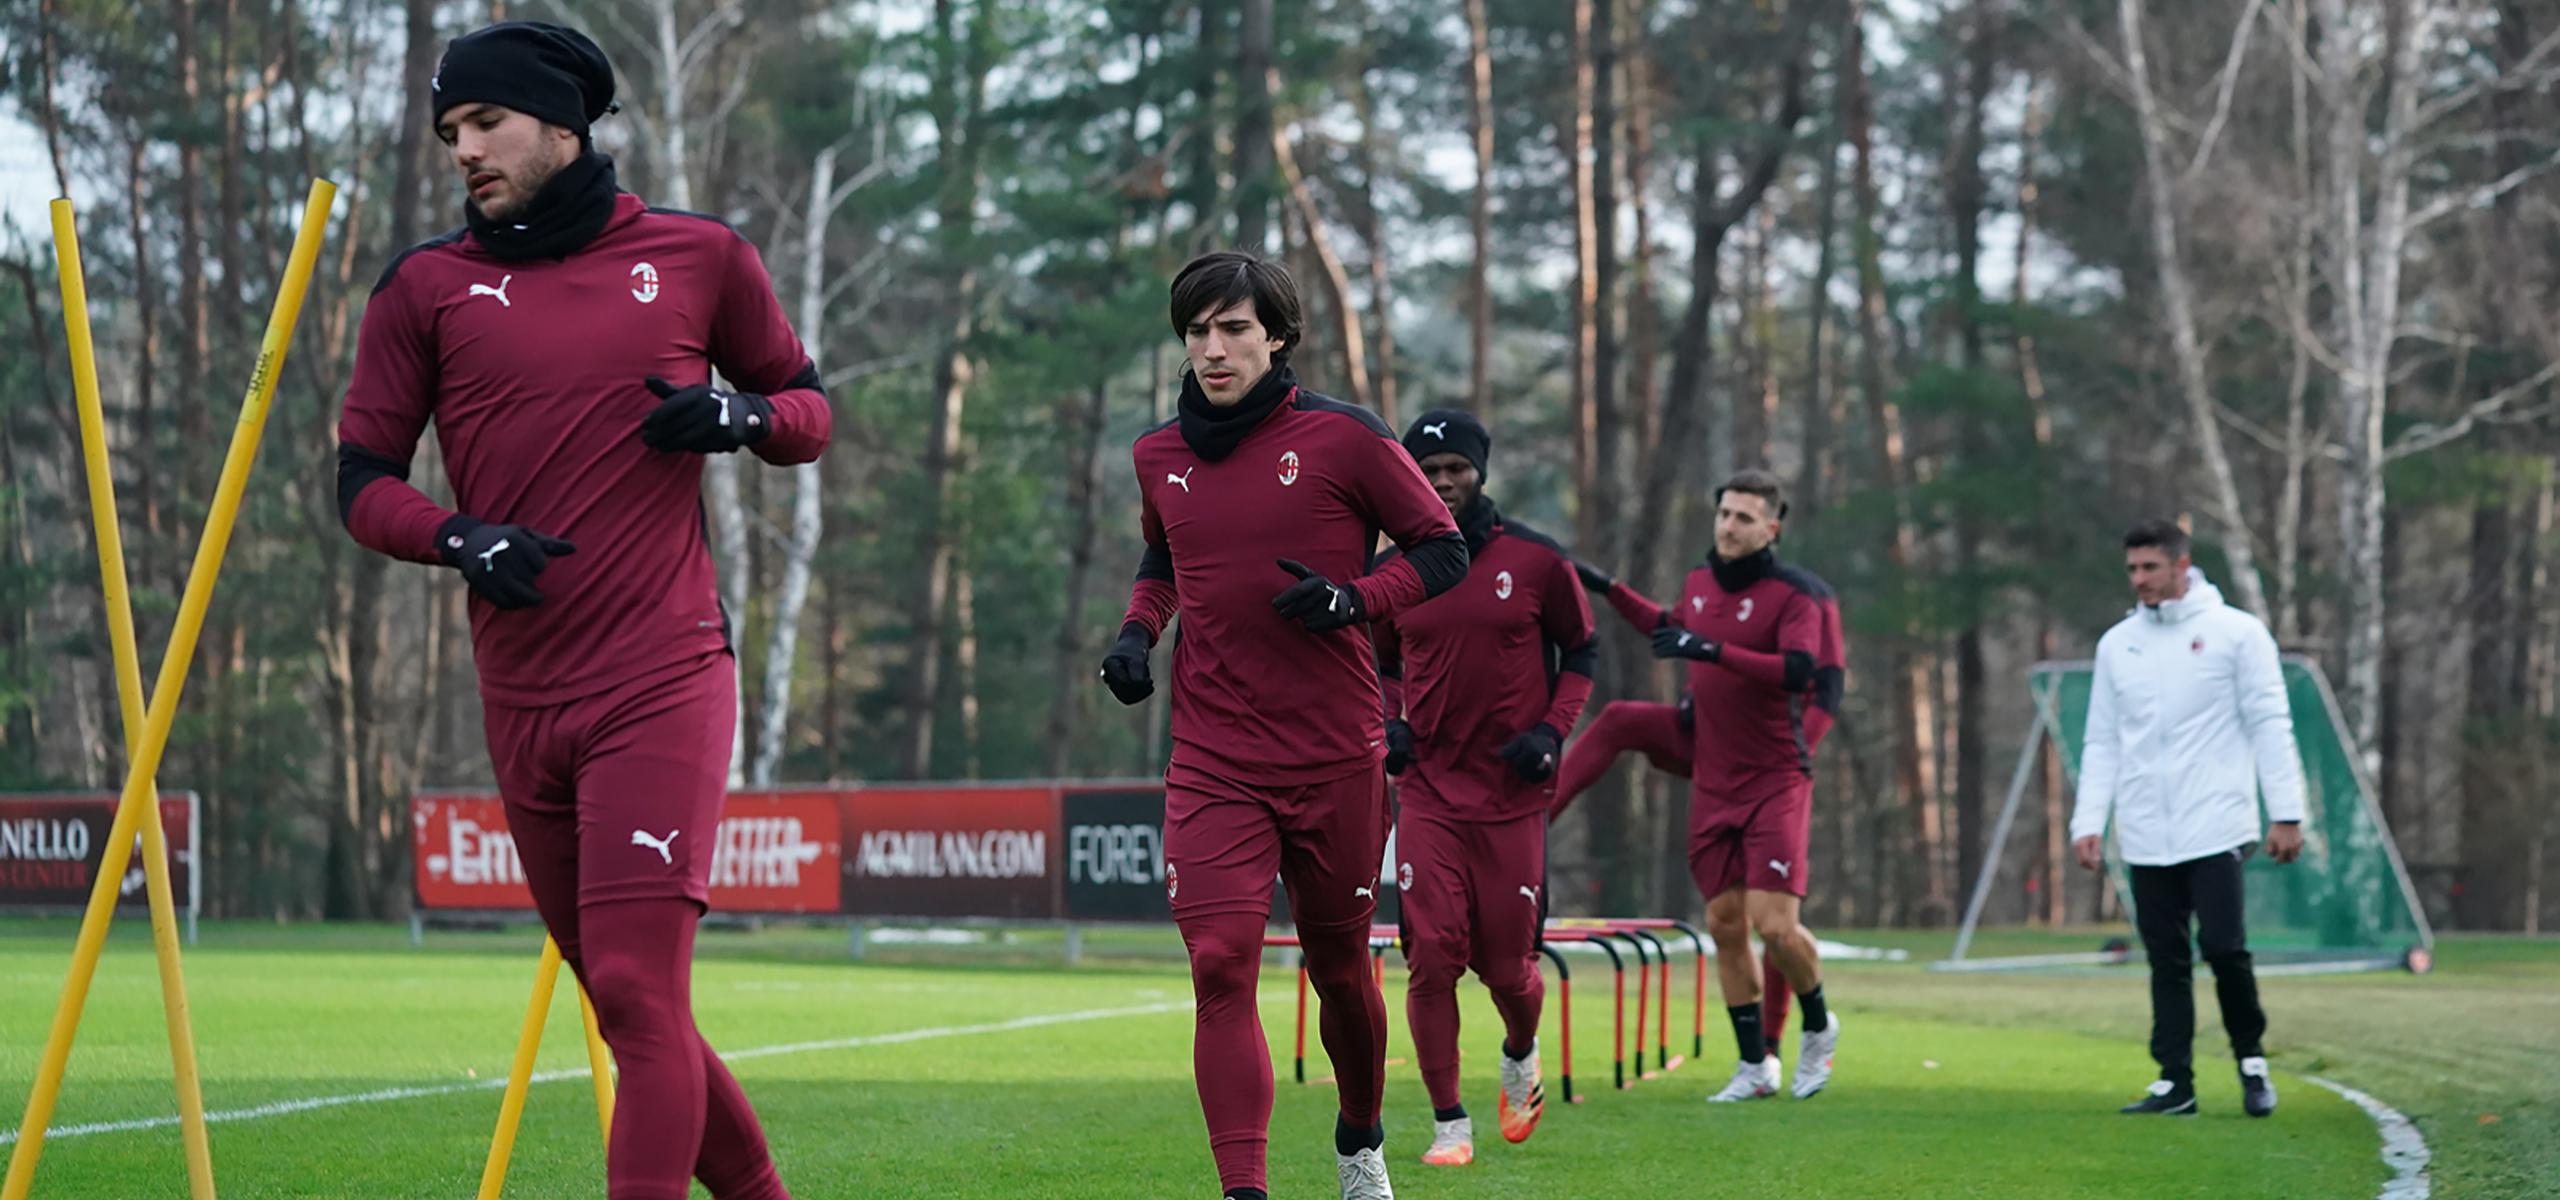 Report Allenamento: Milanello, 18 dicembre 2020   AC Milan